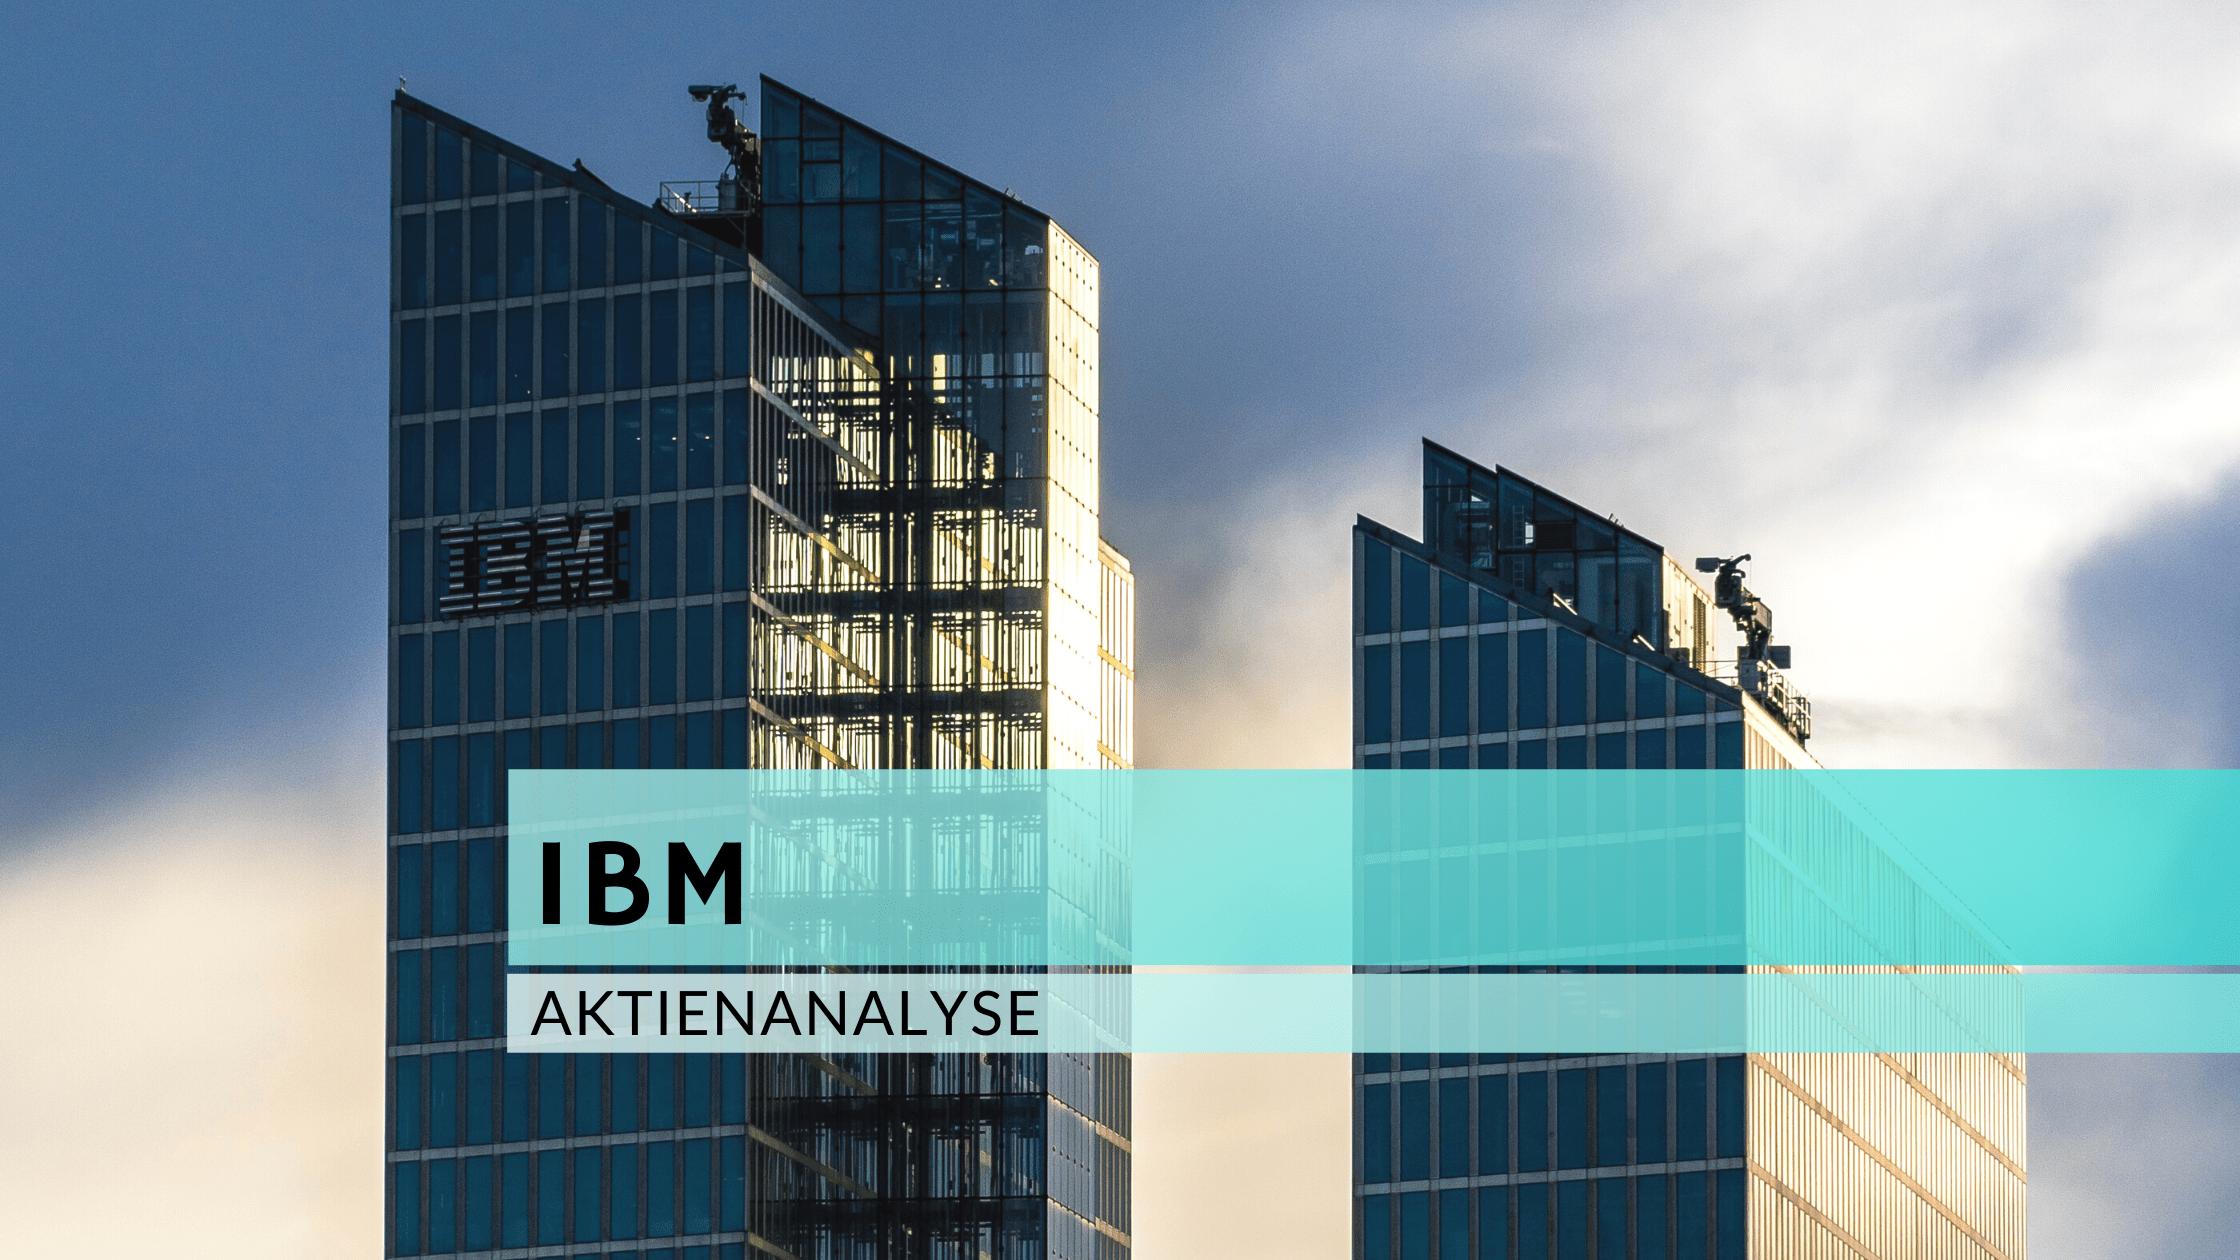 IBM Aktienanalyse